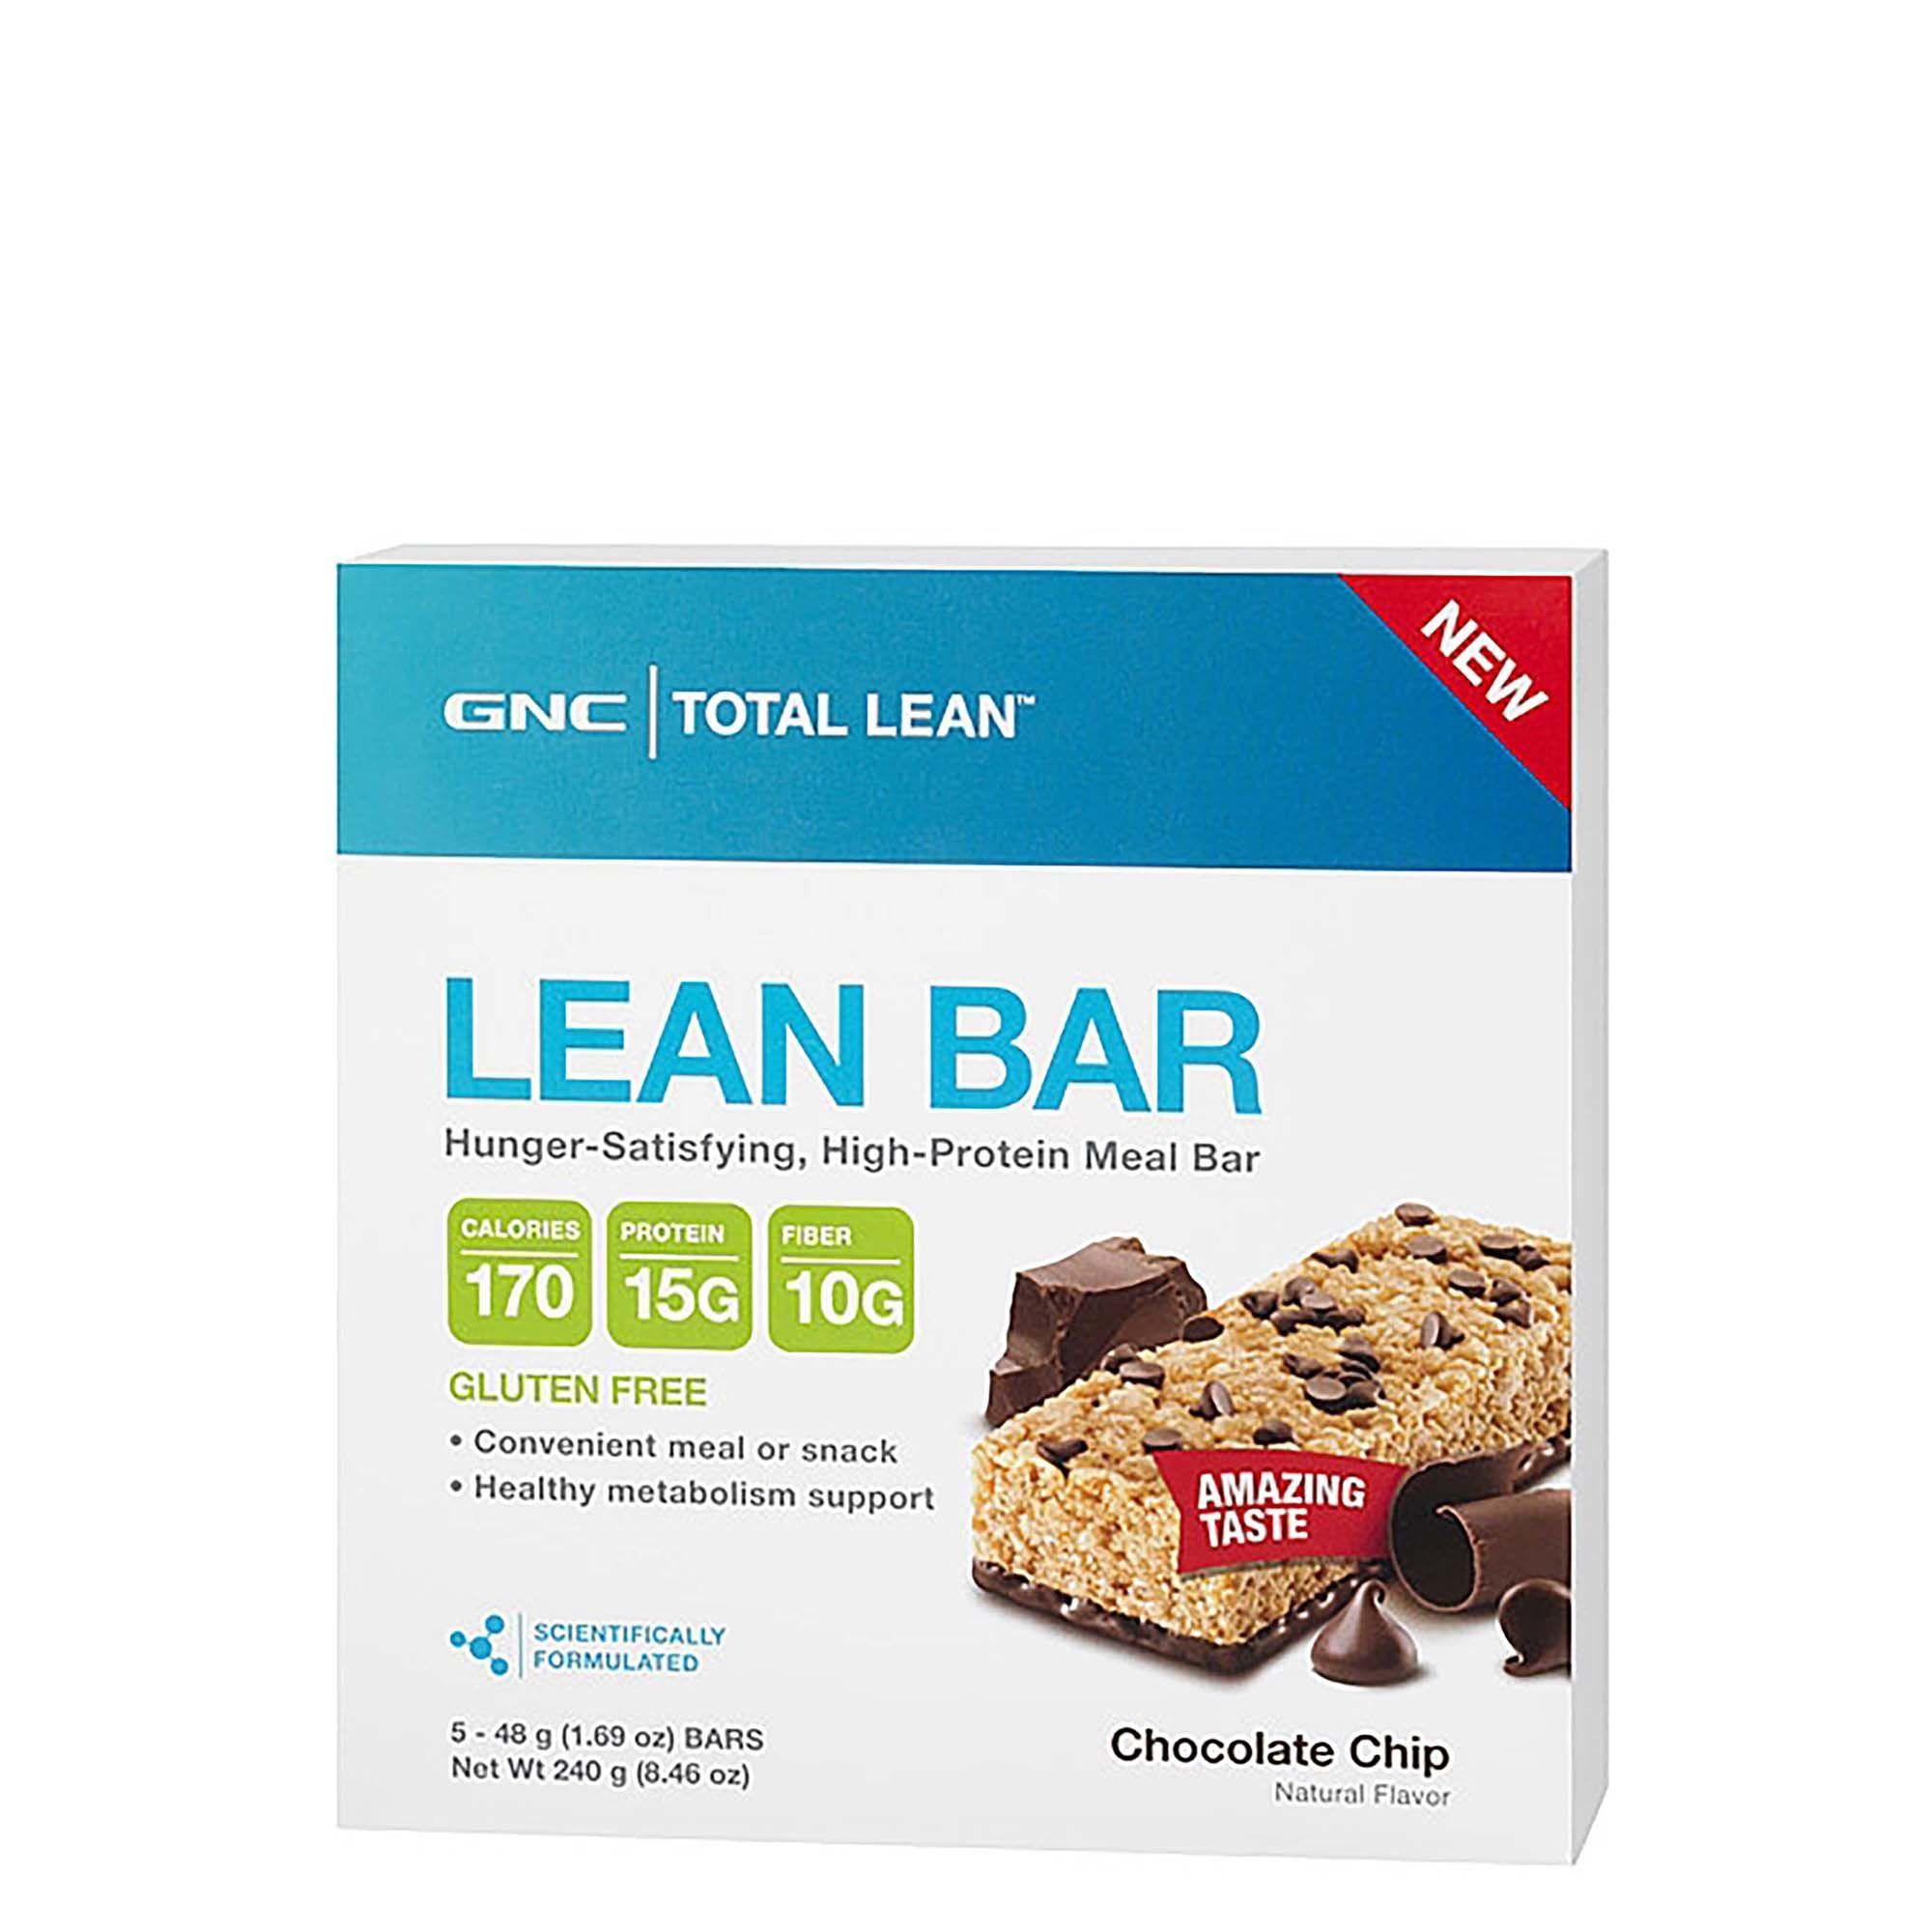 GNC Total Lean® Lean Bar